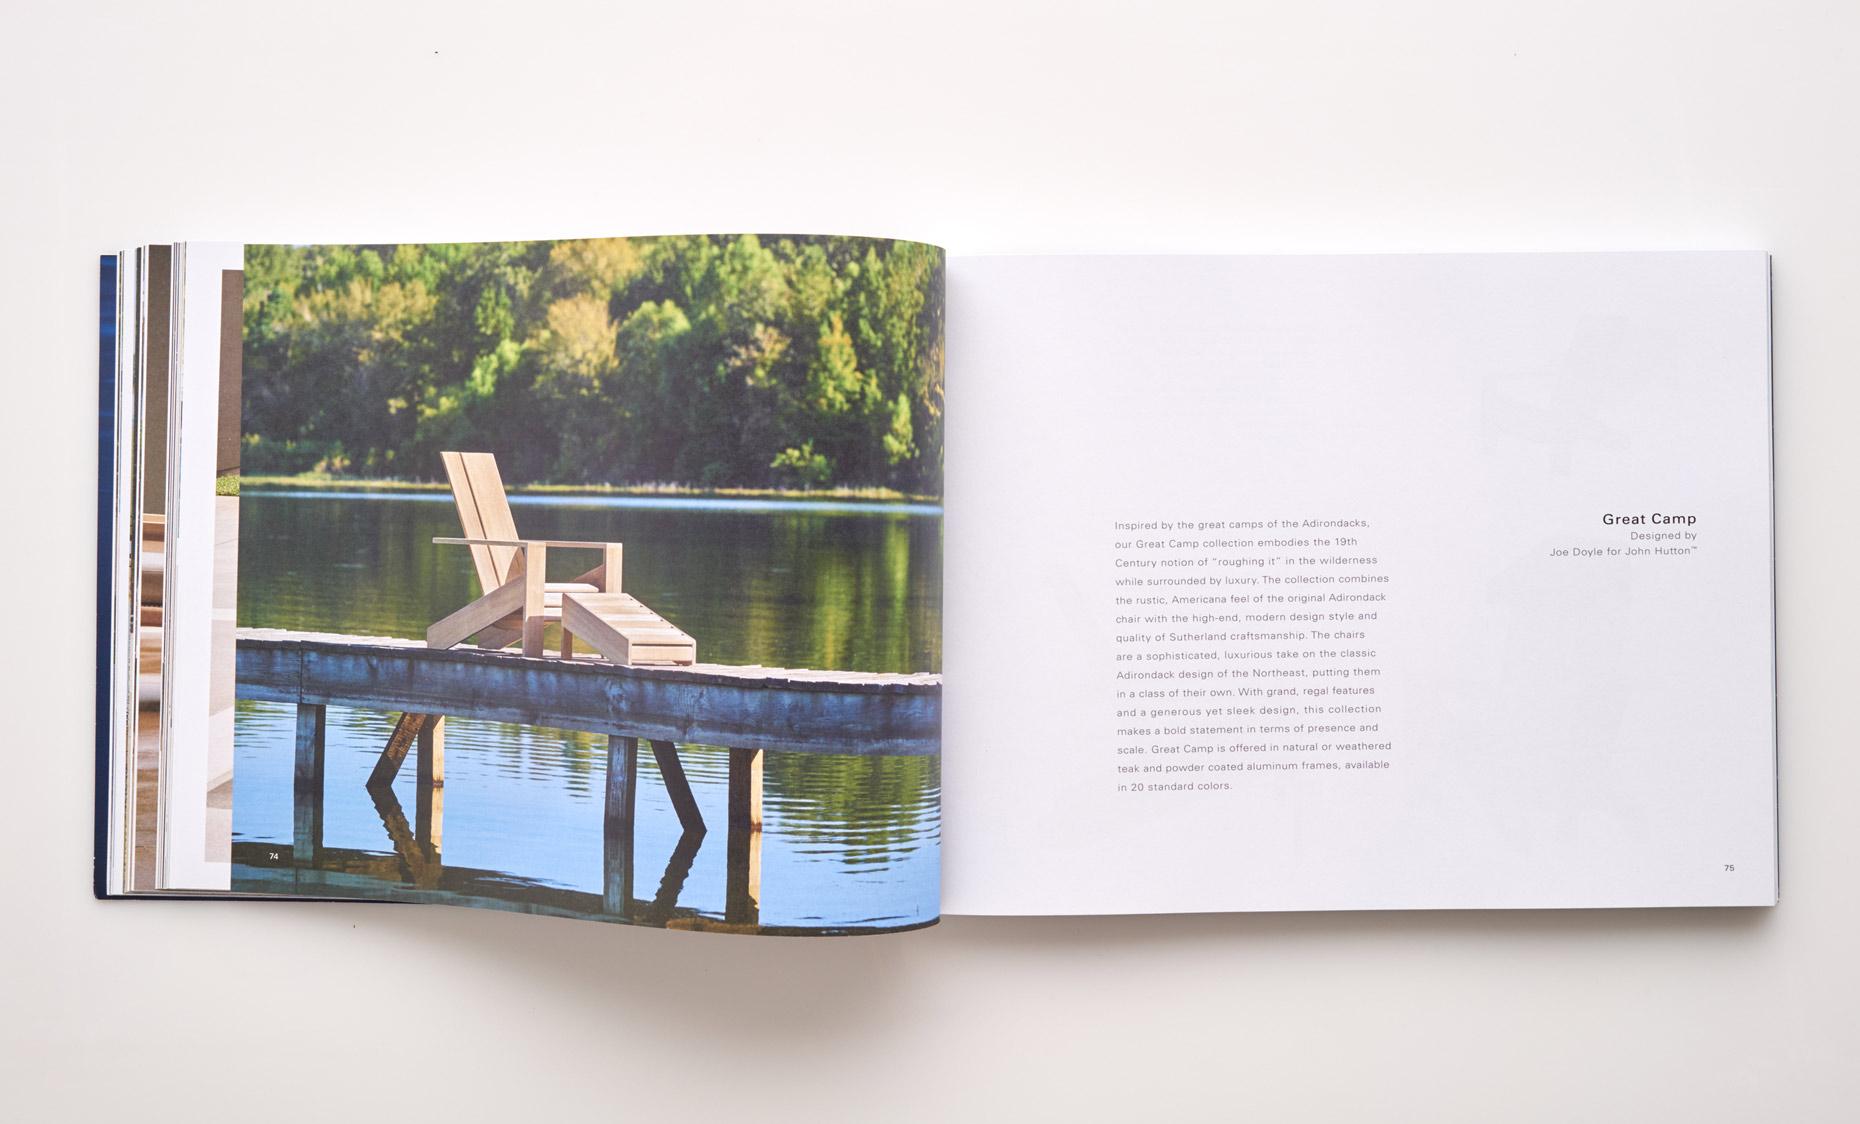 Stephen Karlisch Sutherland Furniture Great Camp Lounge